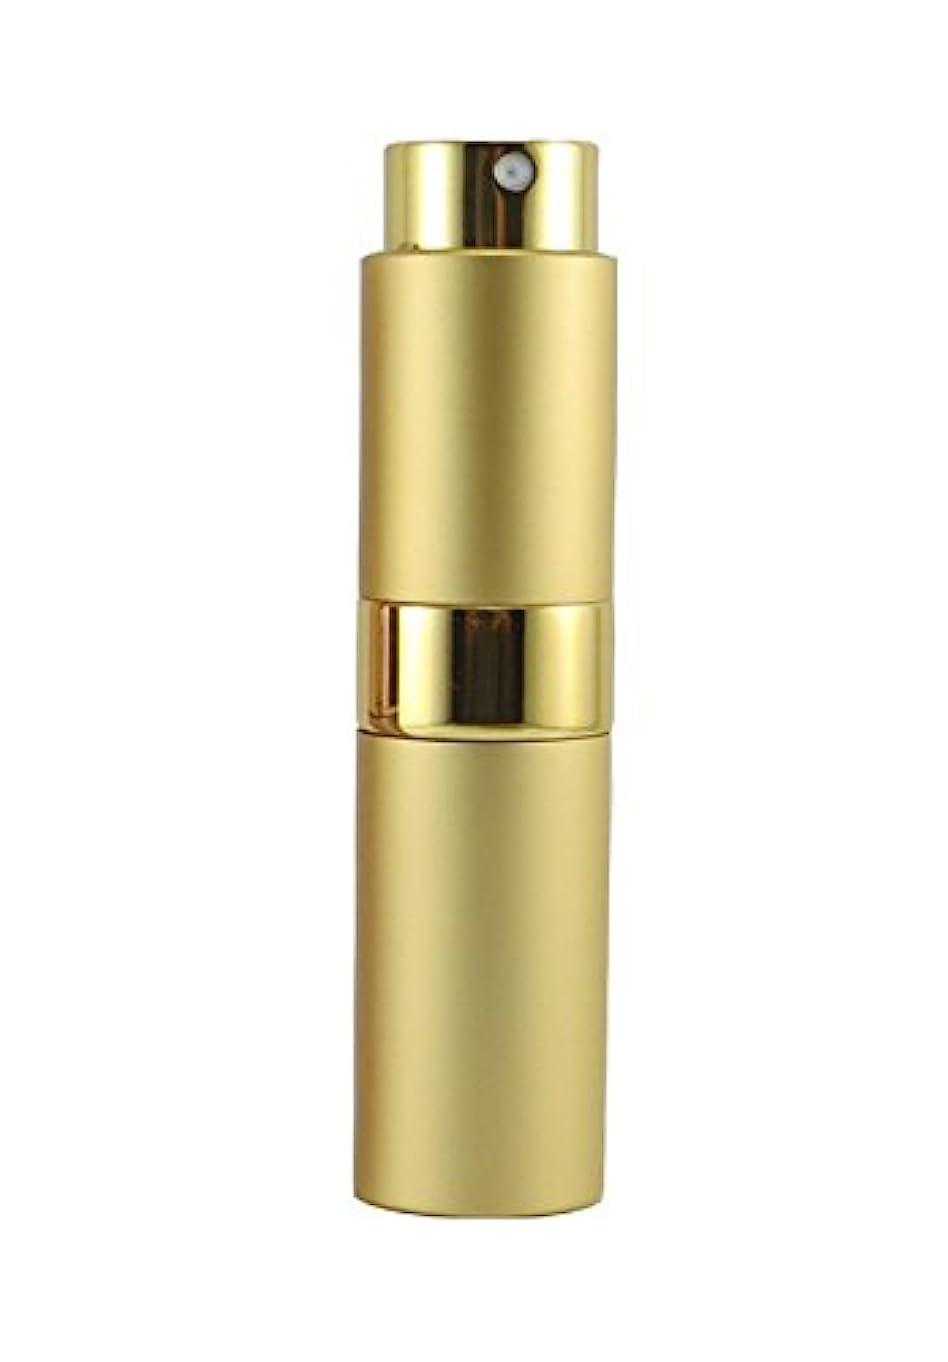 時刻表討論呪いNYSh 香水 アトマイザー プッシュ式 スプレー 詰め替え 携帯 身だしなみ メンズ 15ml (ゴールド)